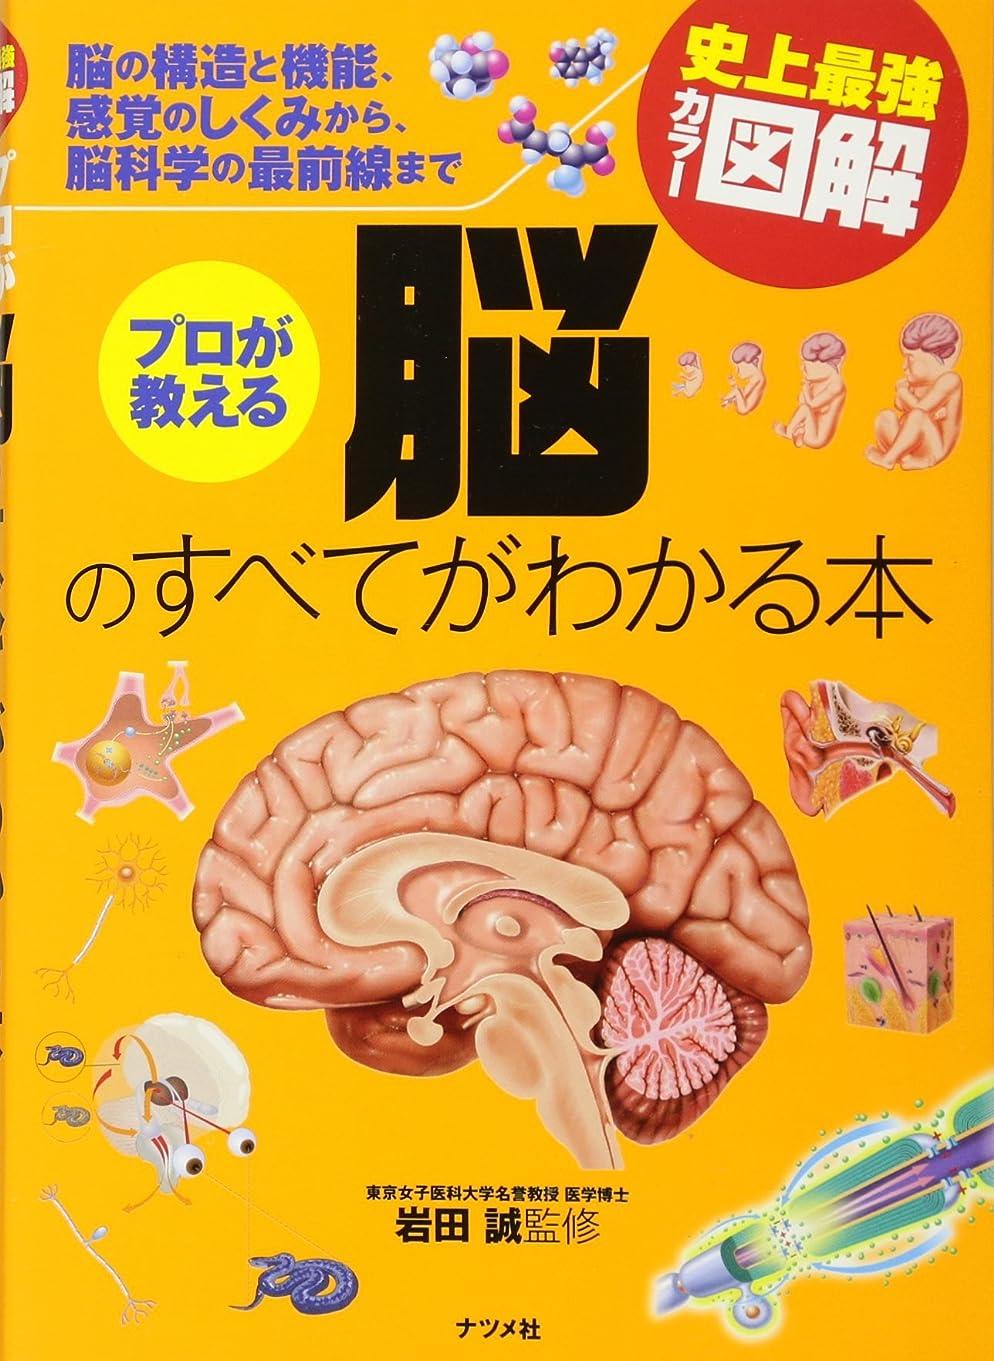 コミュニティ精神火星史上最強カラー図解 プロが教える脳のすべてがわかる本